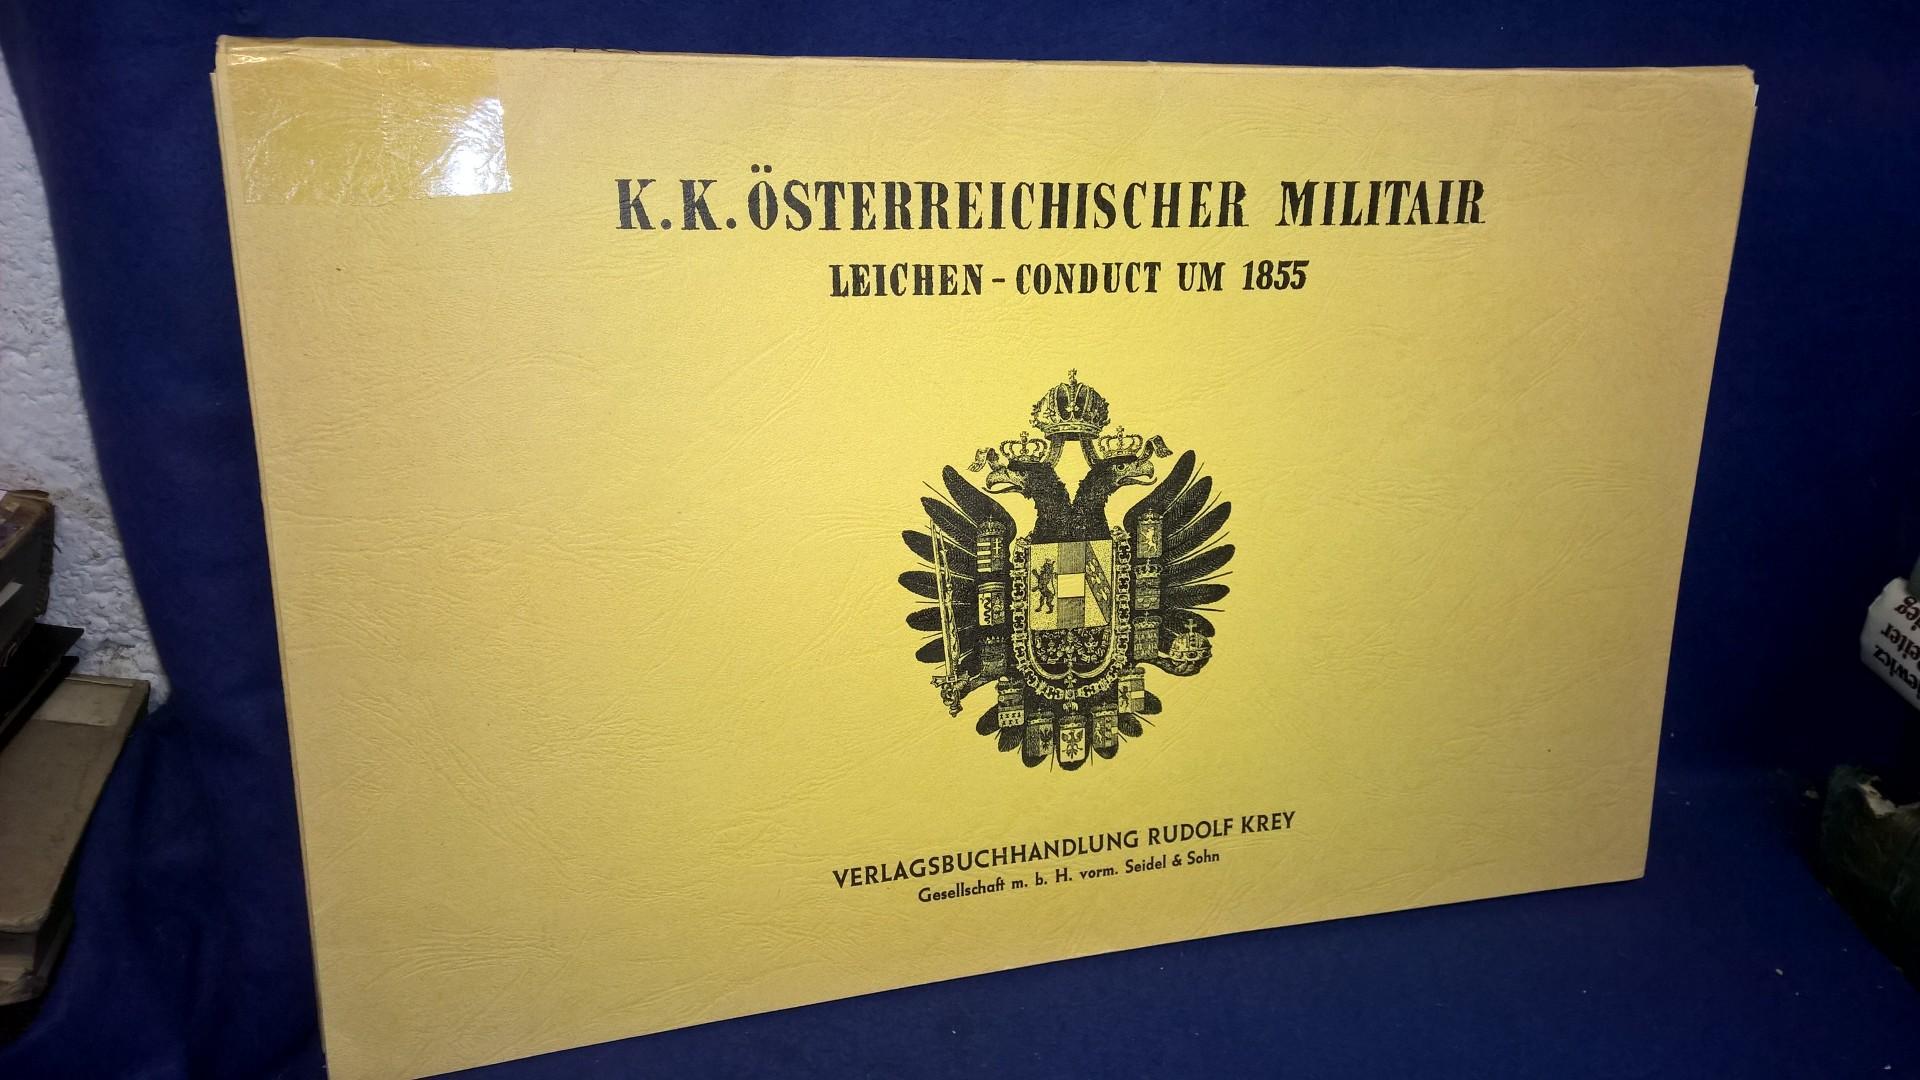 K.K. Österreichischer Militair Leichen-Conduct um 1855. Nachdruck der Orginal-Ausgabe!